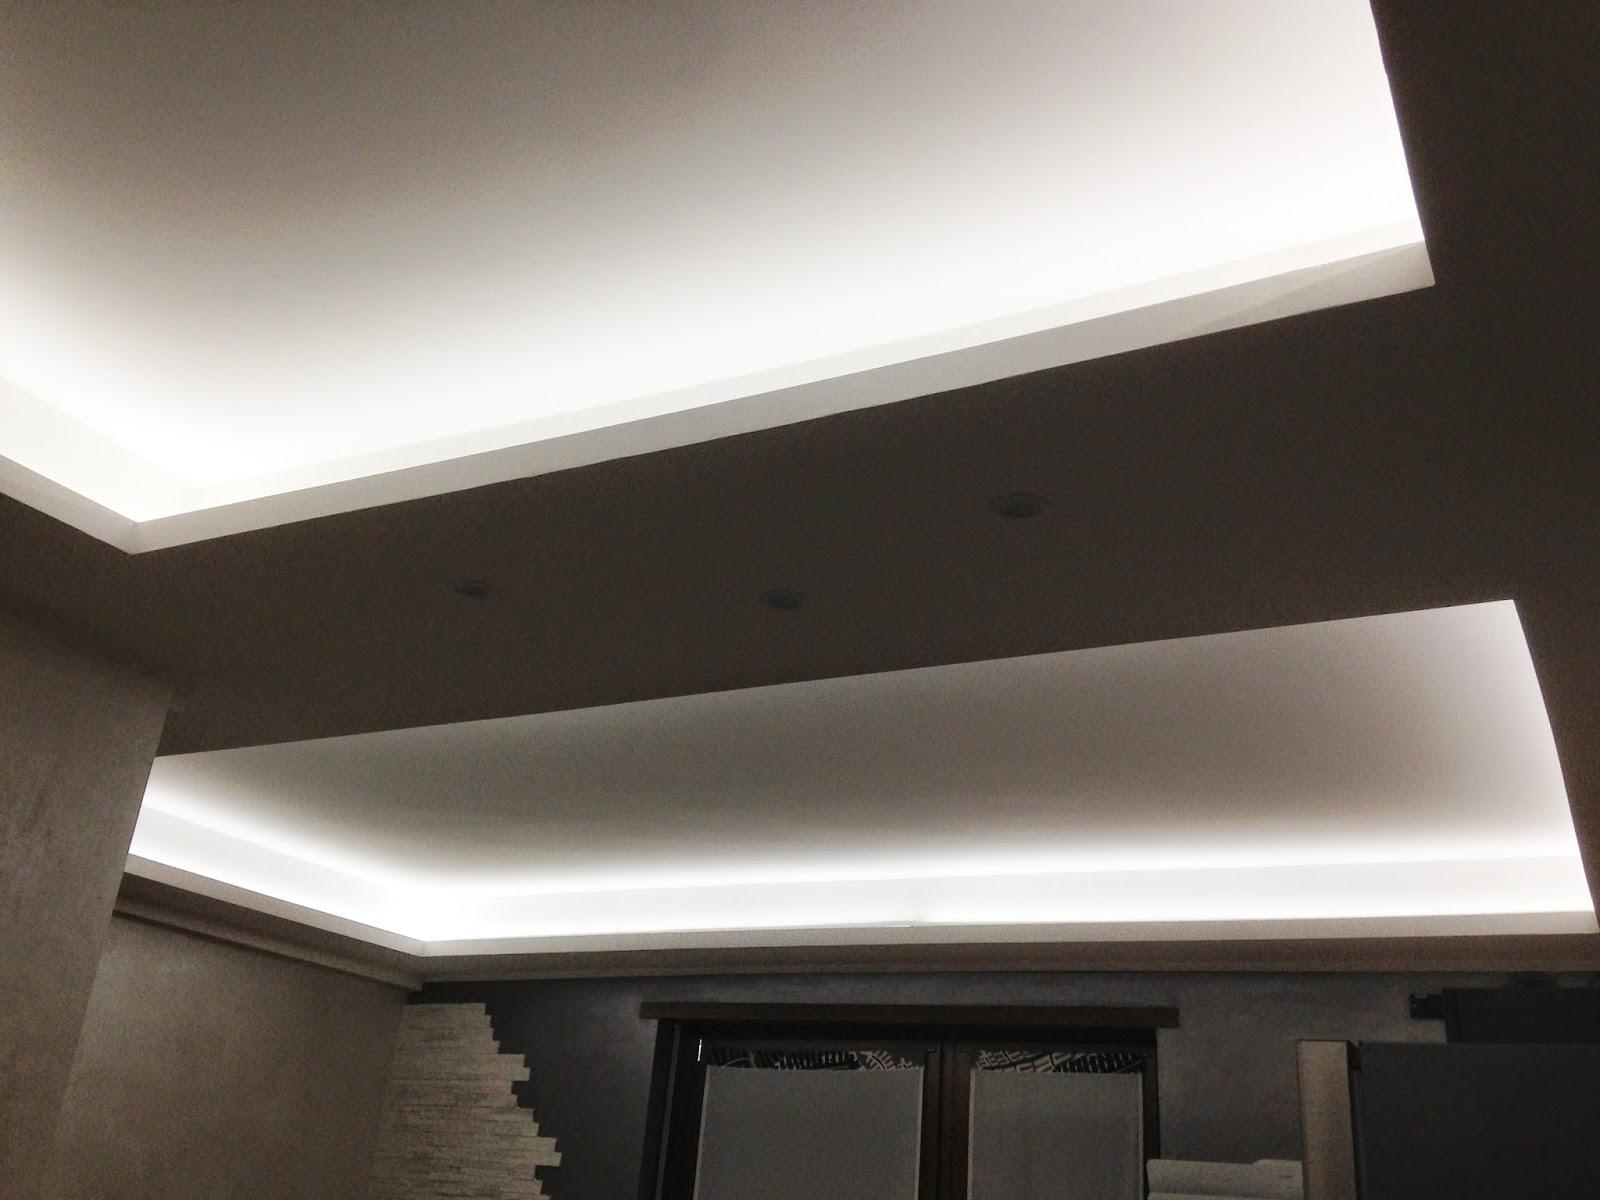 Illuminazione led casa dicembre 2014 - Led cartongesso ...